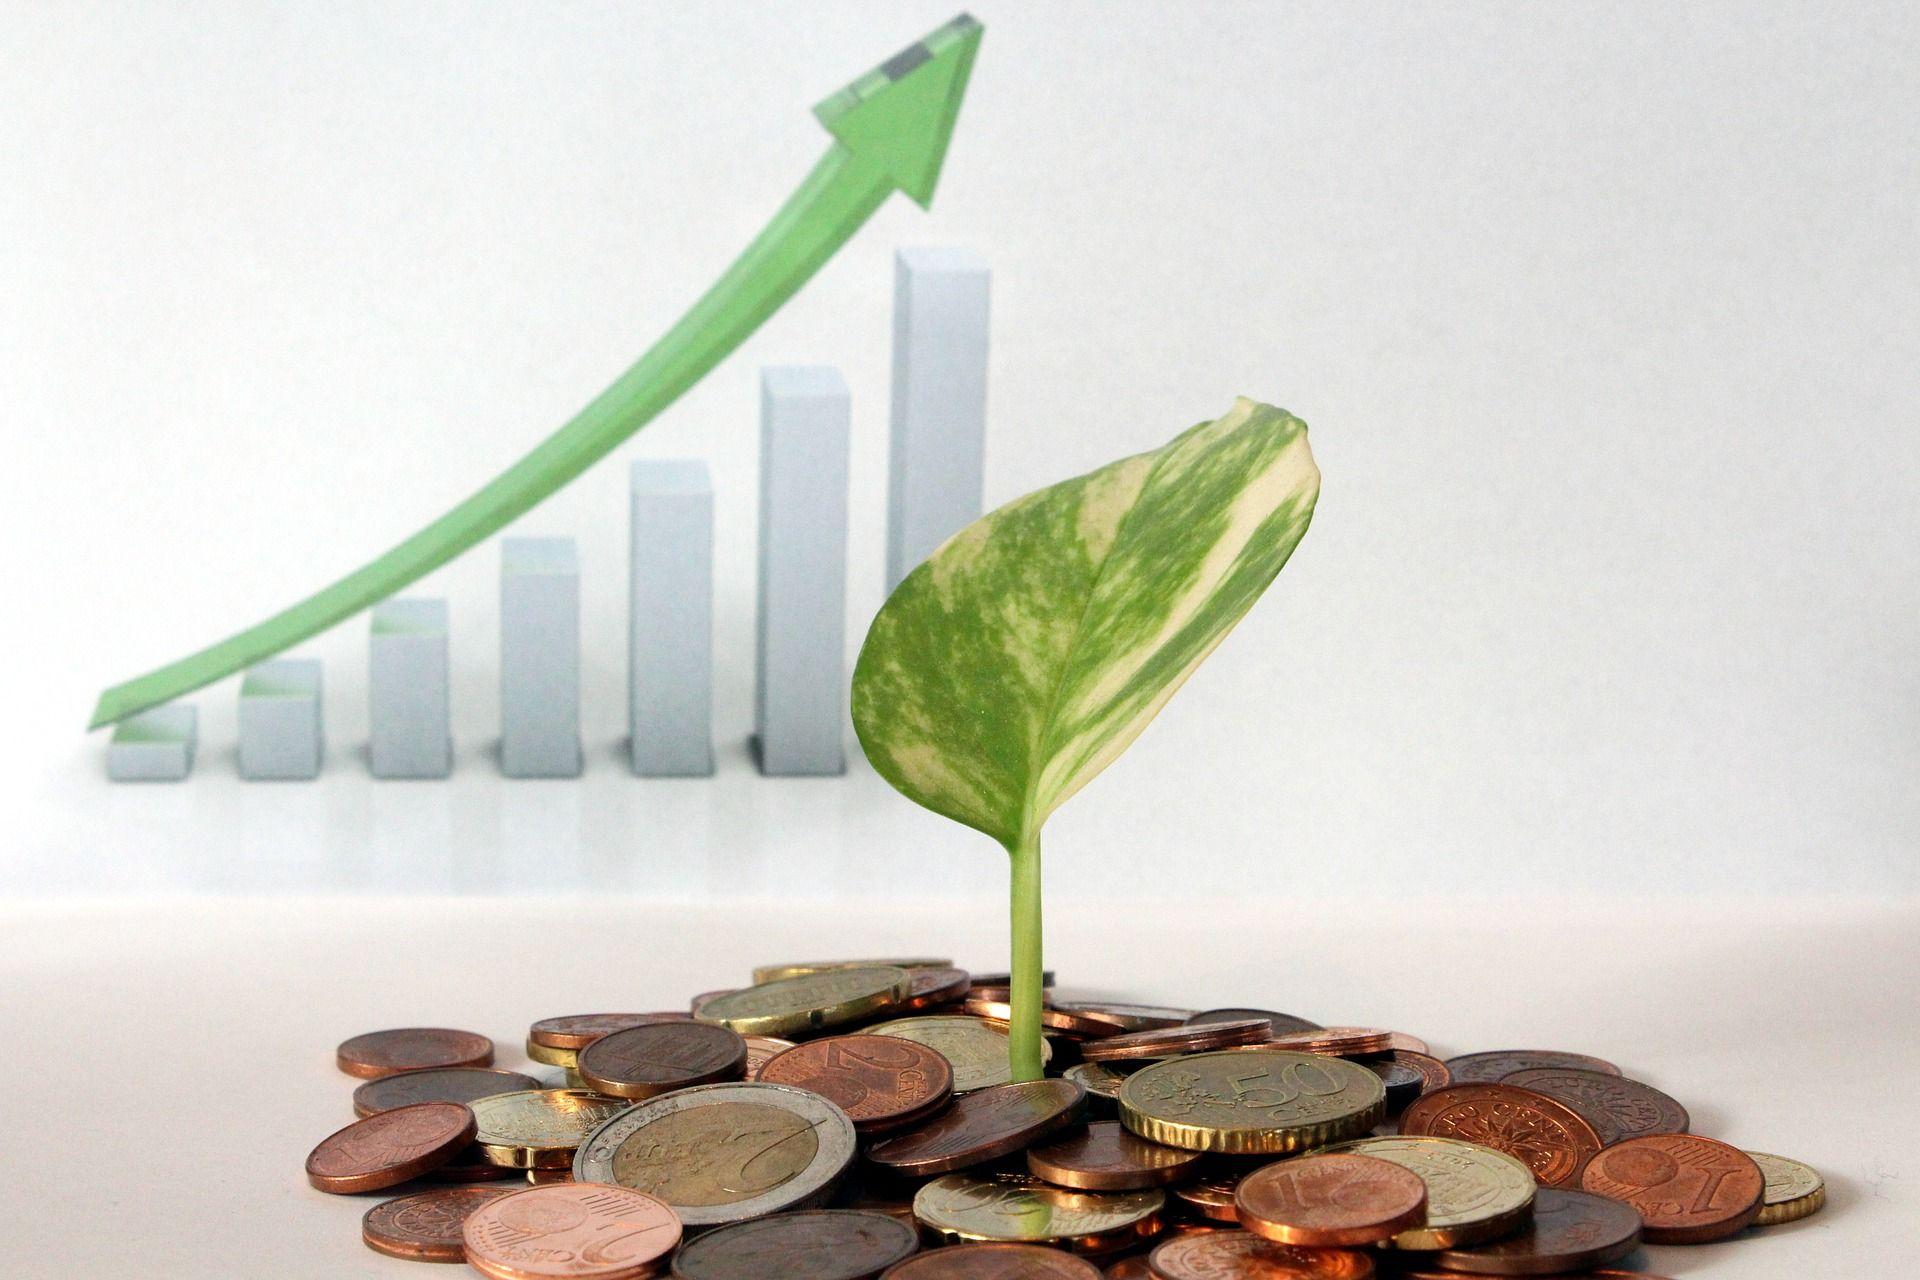 Nette accélération de la croissance française : l'hirondelle économique traversera-t-elle le printemps présidentiel ?